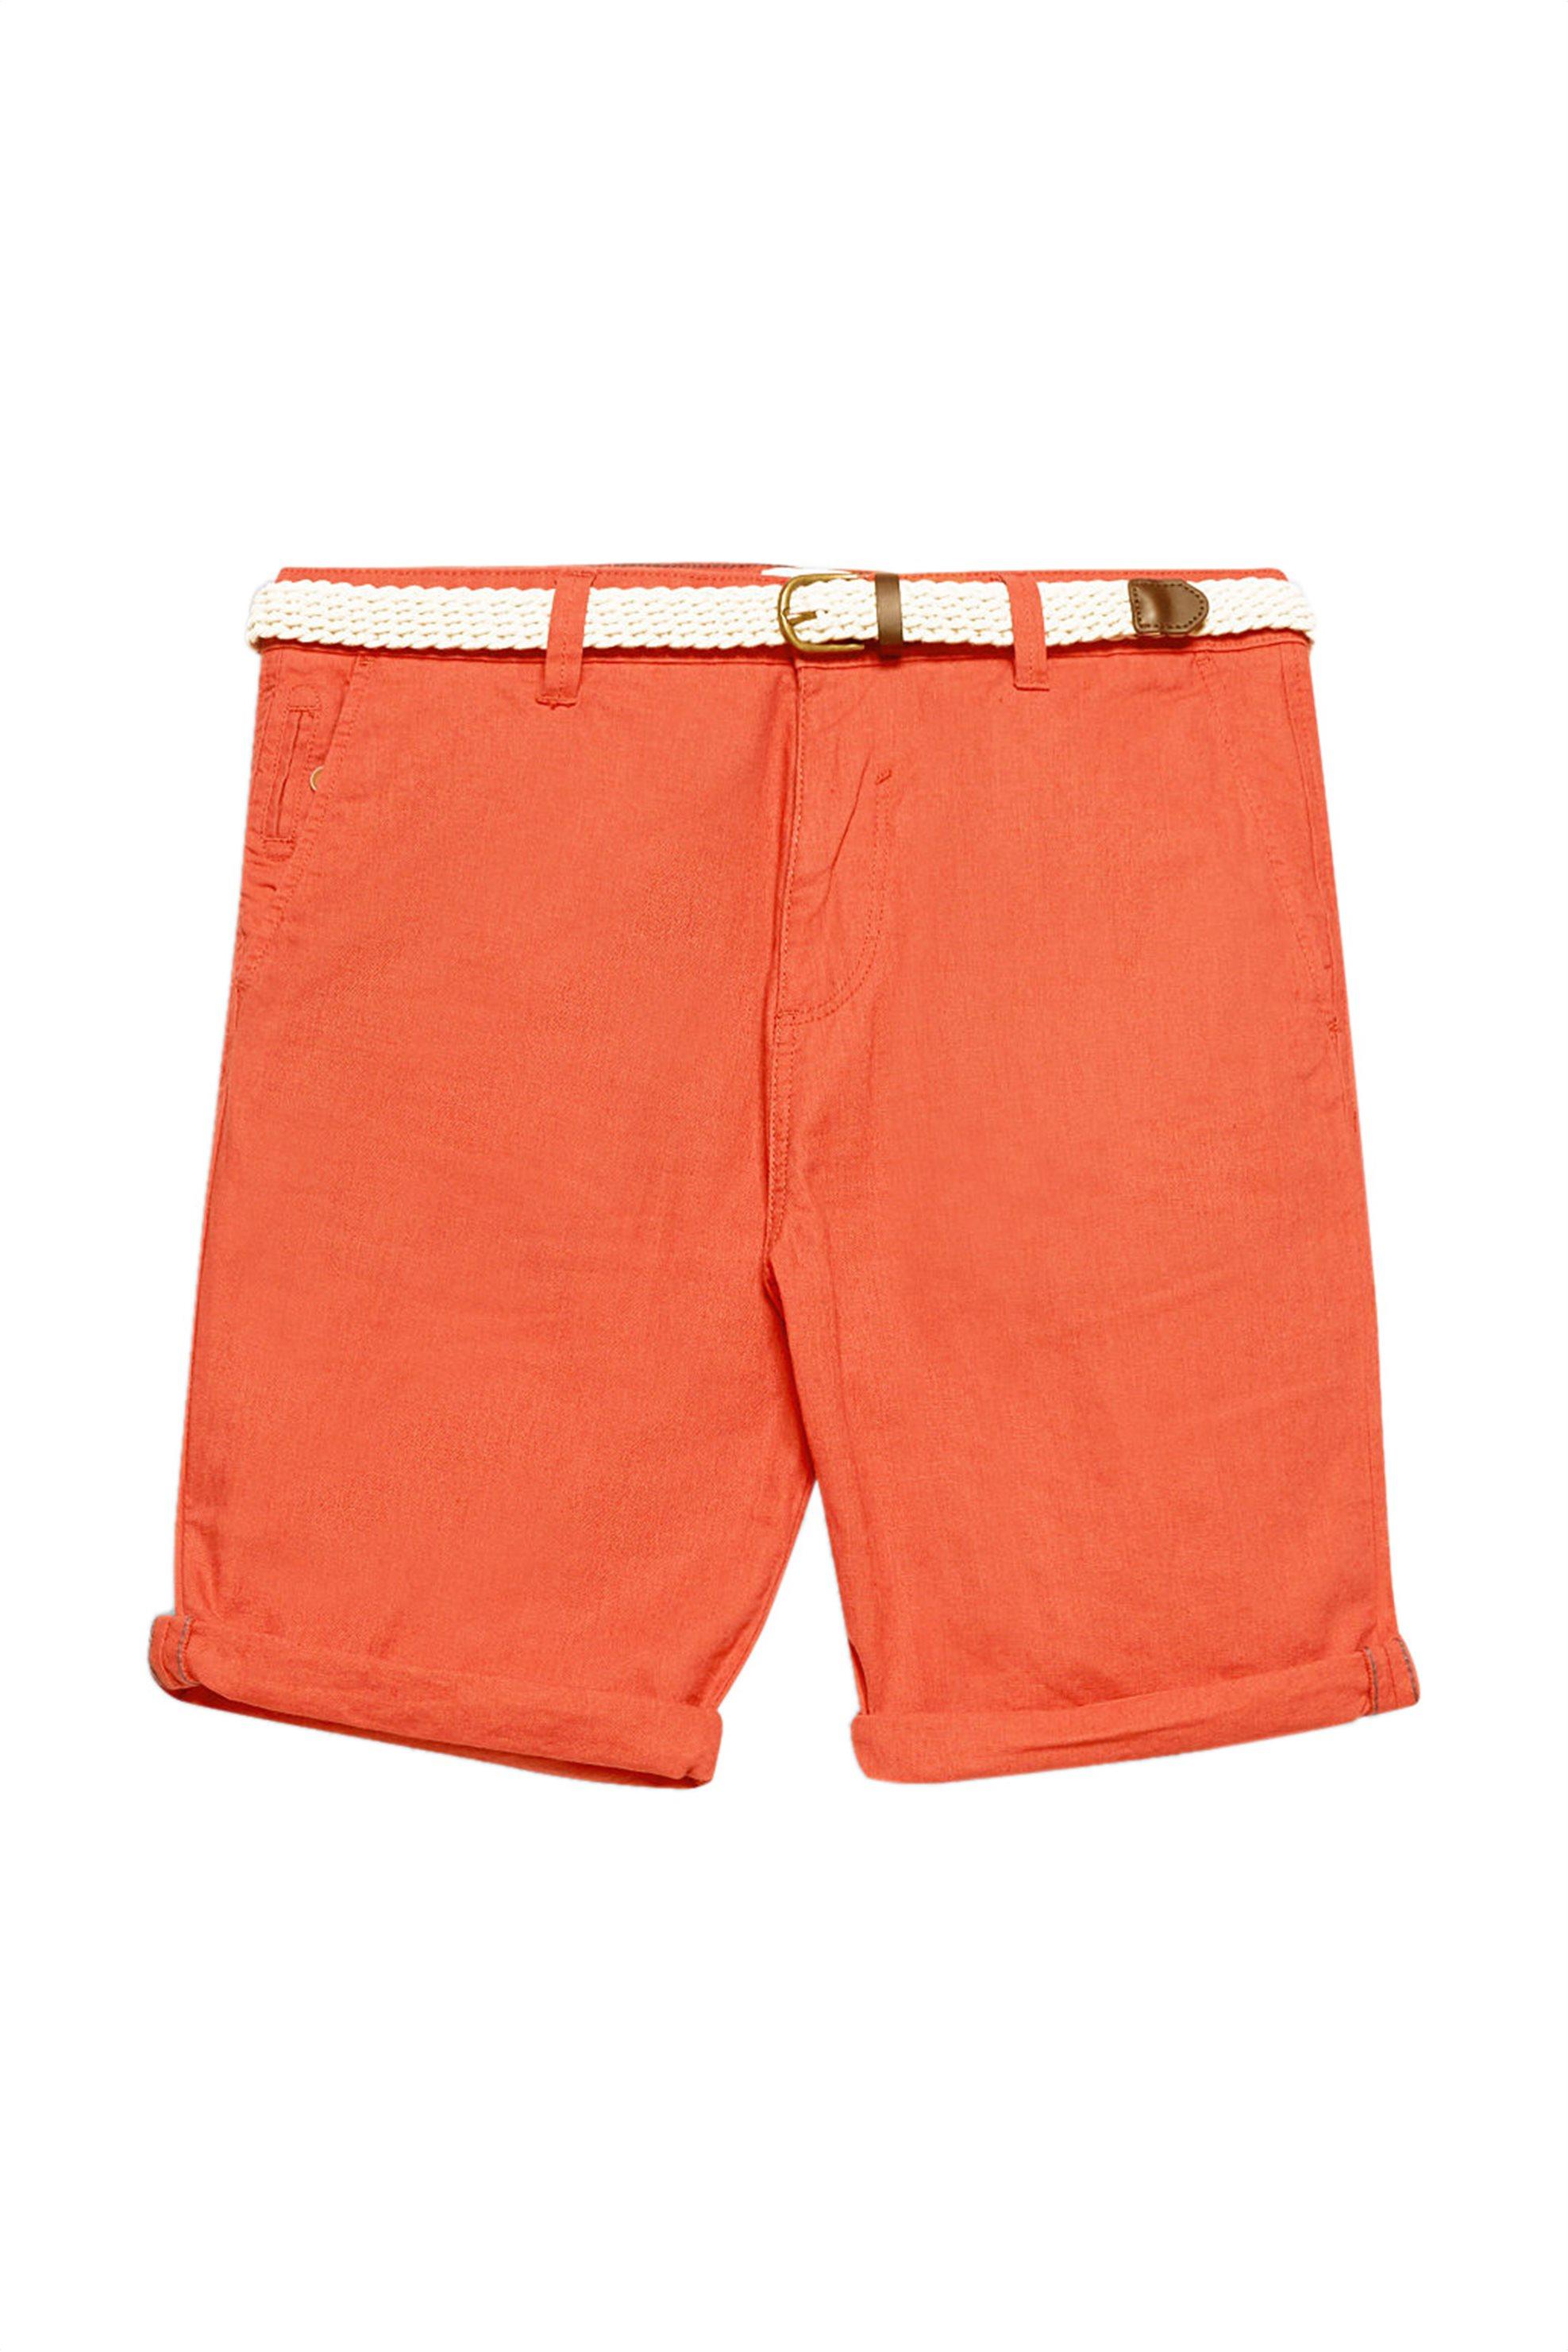 2d07b4c8b08b Ανδρικά   Ρούχα   Παντελόνια   Casual   Ανδρικό Παντελόνι (κωδ. Y825 ...